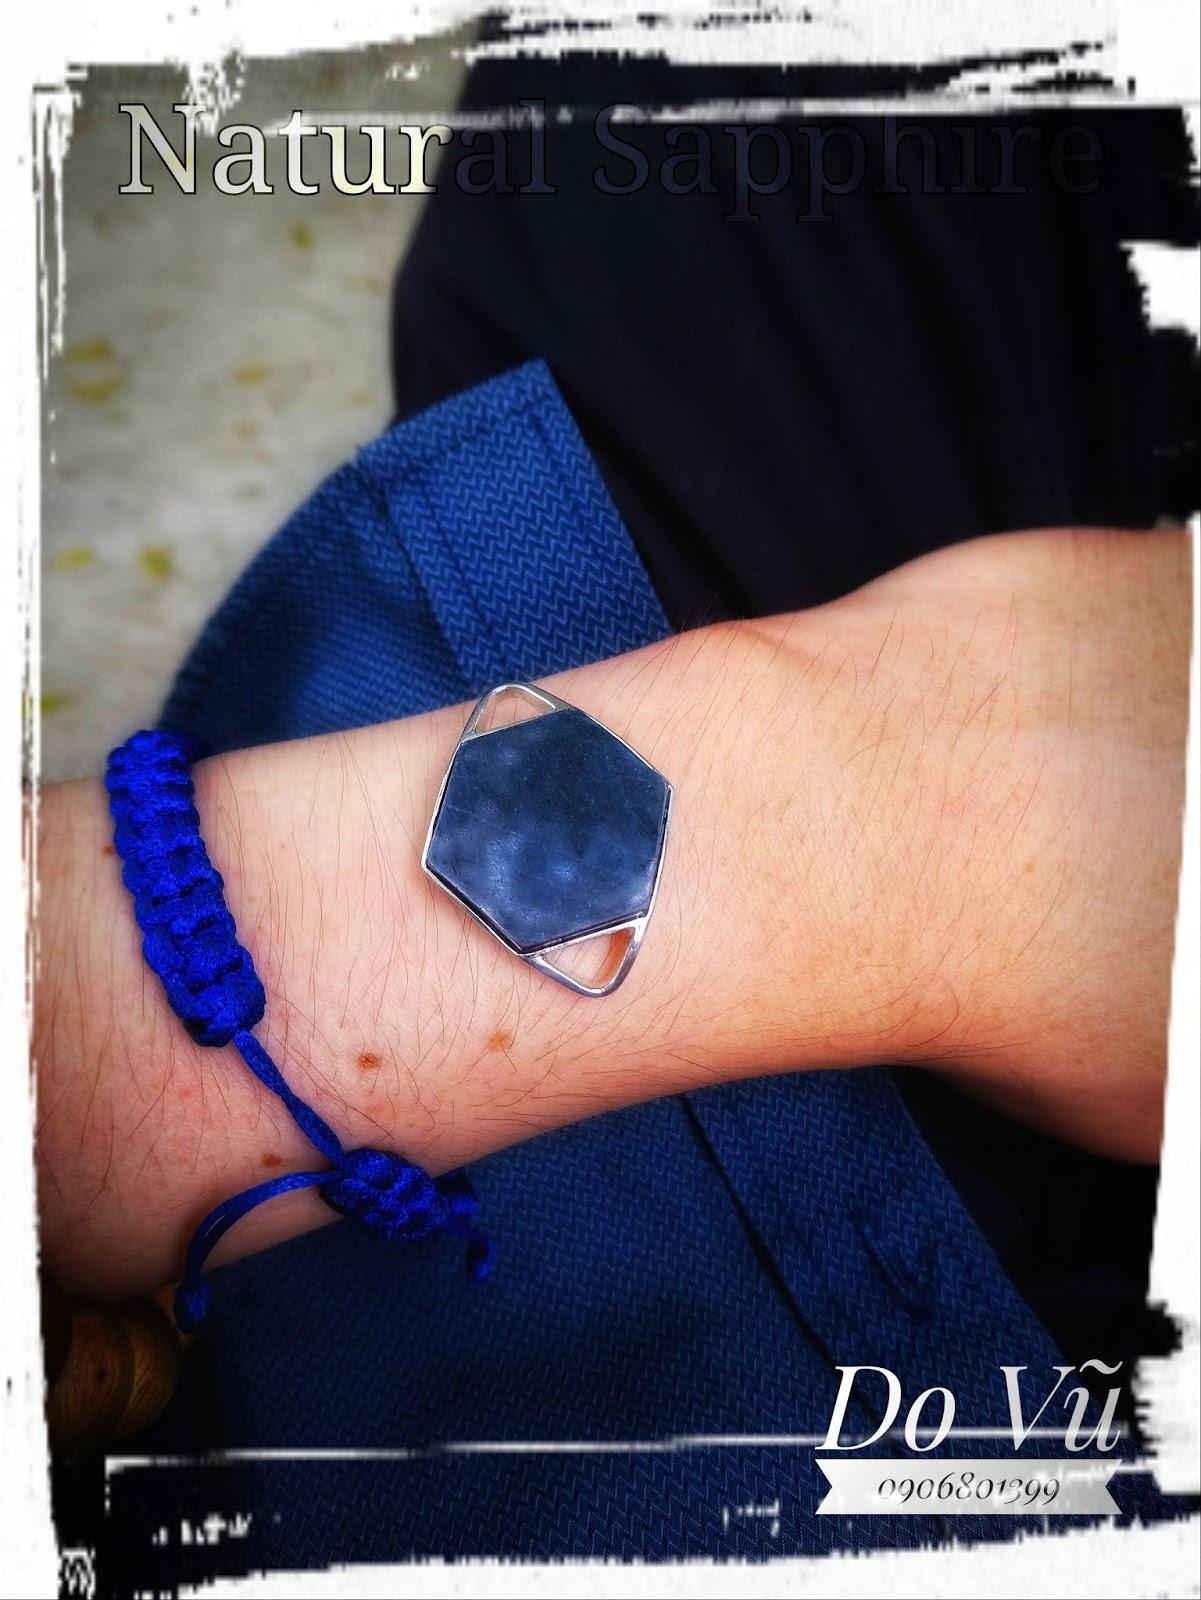 Đá quý Sapphire Quỳ Hợp, Nghệ An Việt Nam thiên nhiên 100%, chế tác mặt lắc tay lục giác